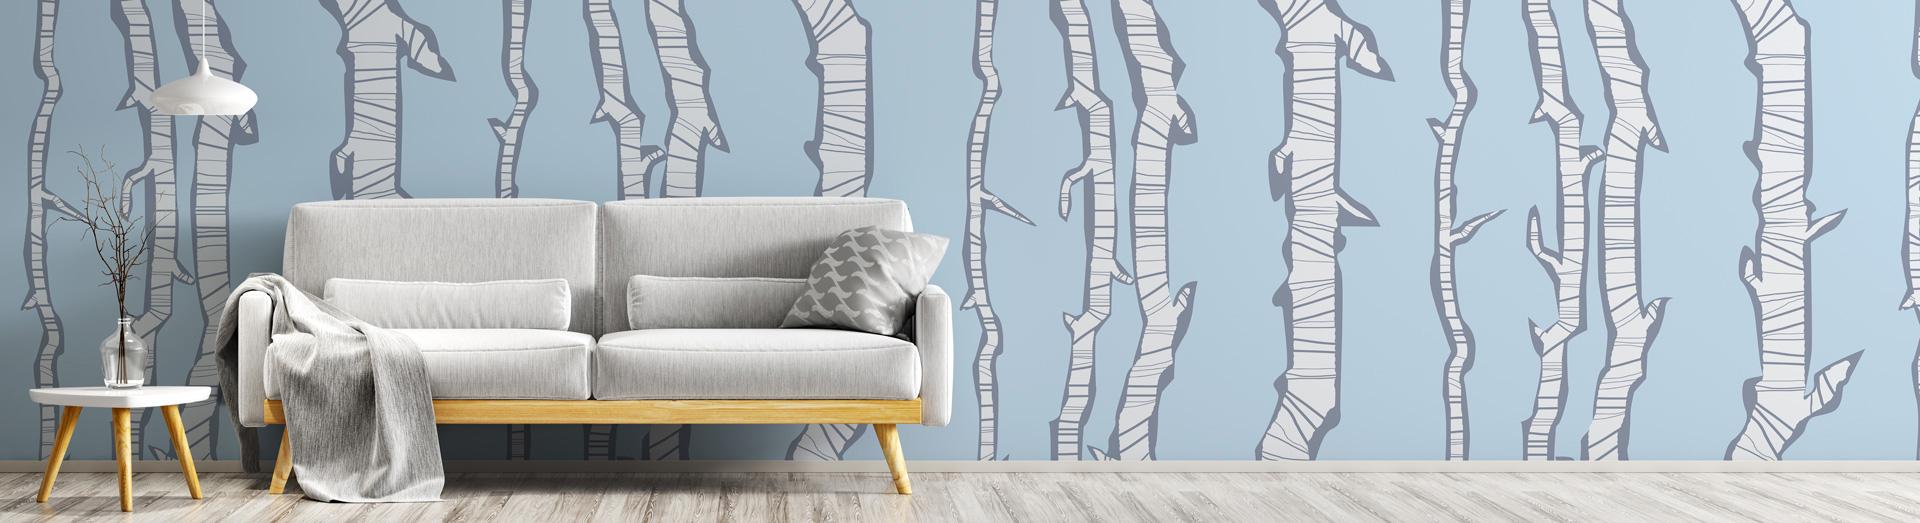 Abbildung individuelle Fototapete im Wohnzimmer